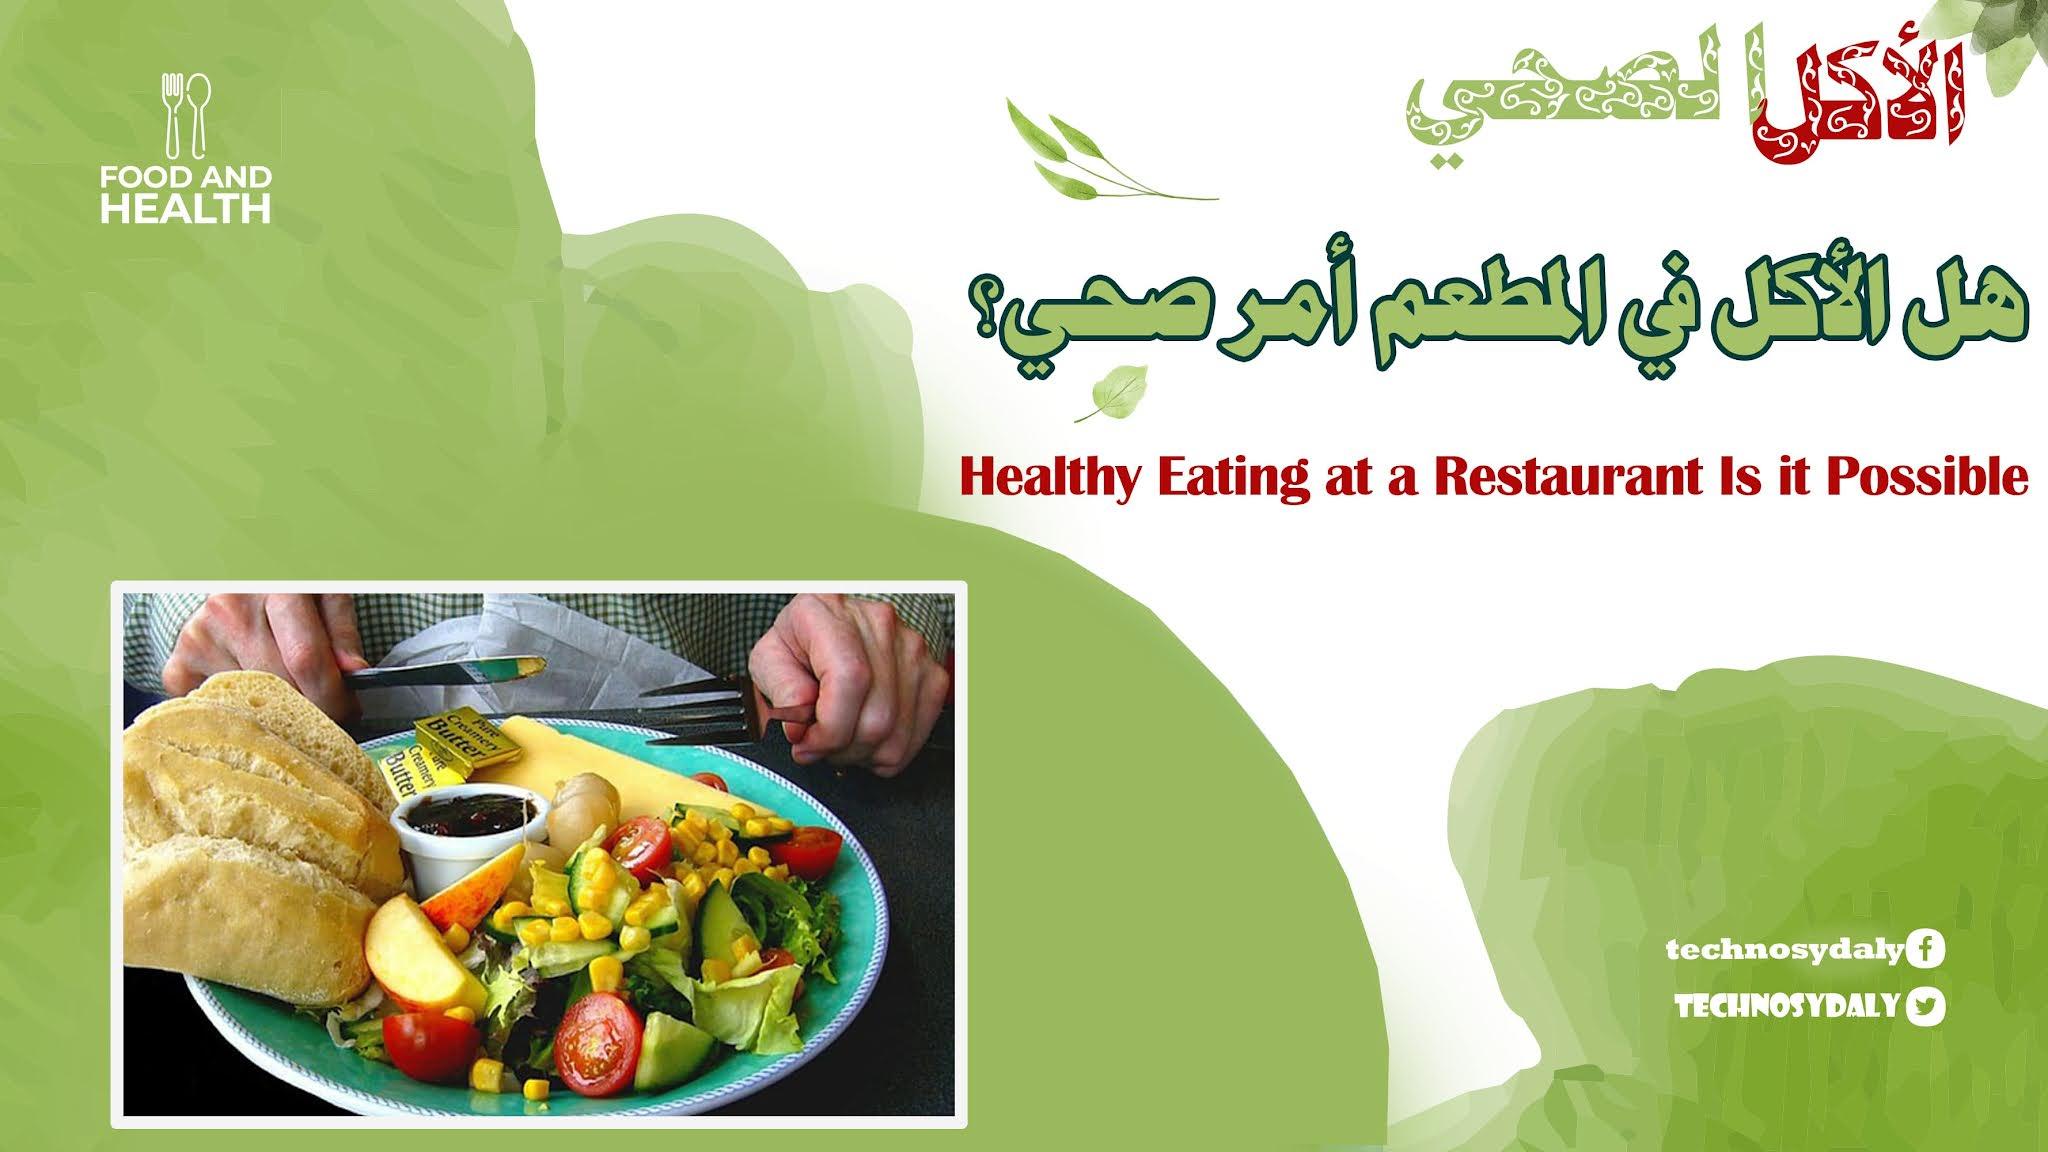 هل الأكل في المطعم أمر صحي؟ Healthy Eating at a Restaurant Is it Possible